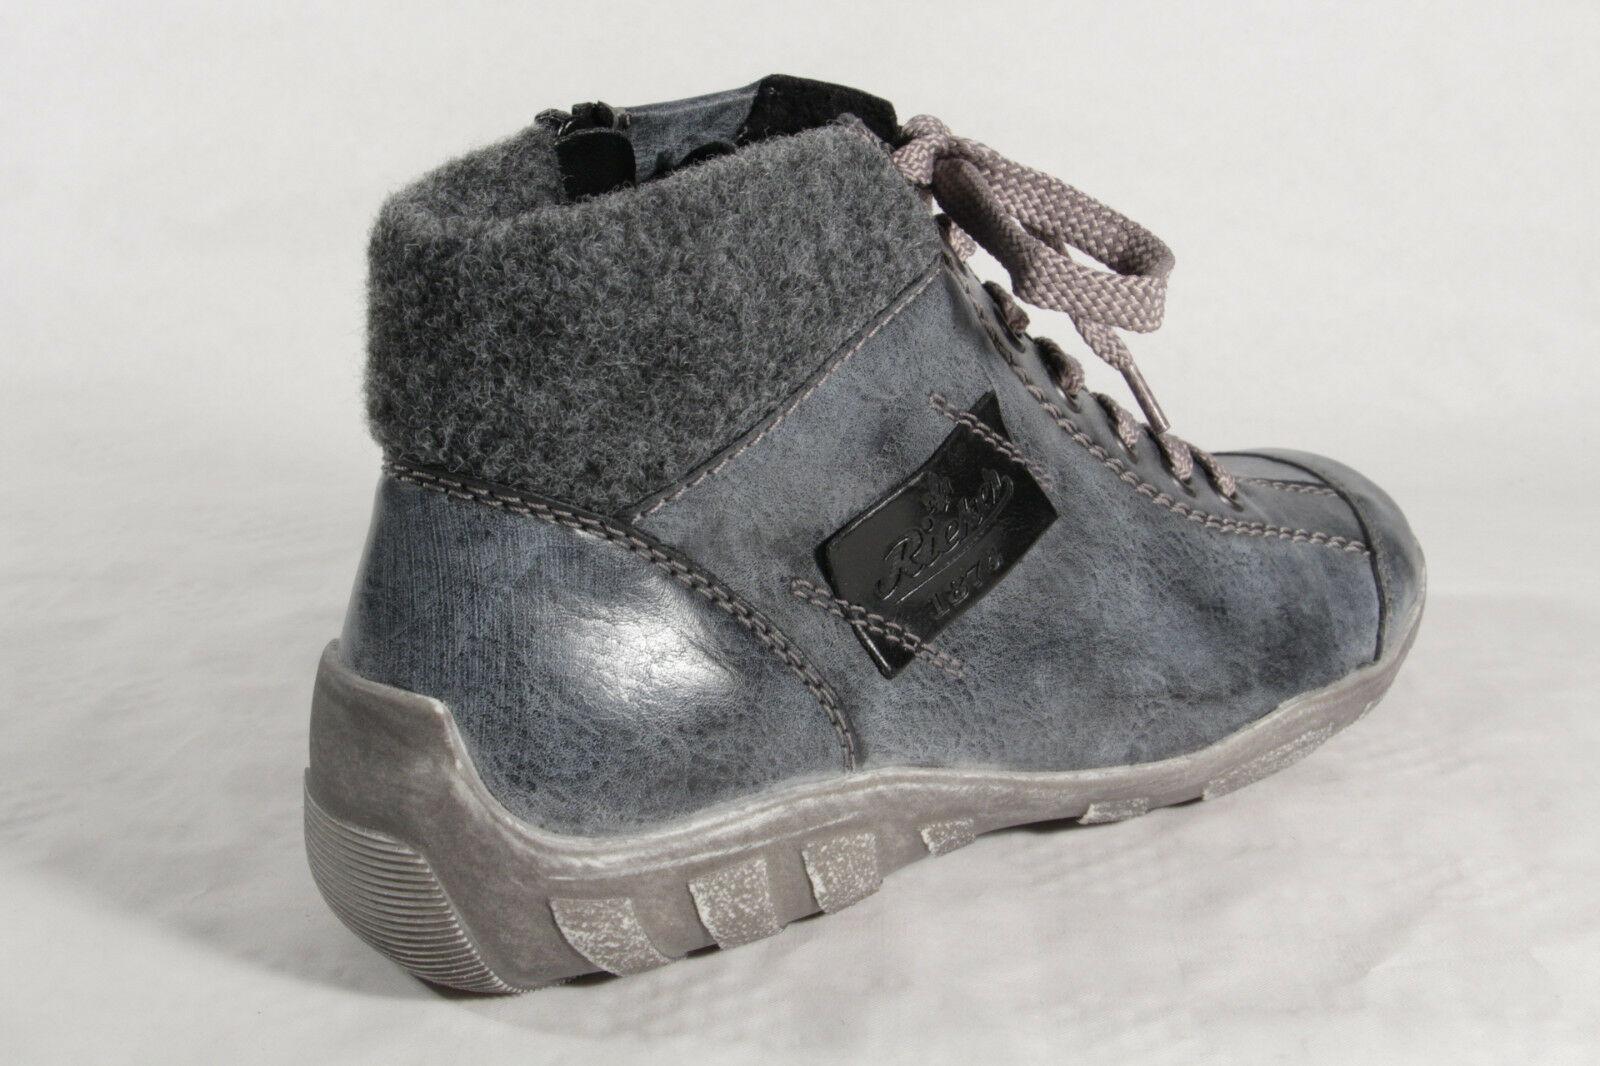 Rieker Schnürschuhe Damen Schnürschuhe Rieker Stiefel Stiefel blau L6540 NEU  b46678